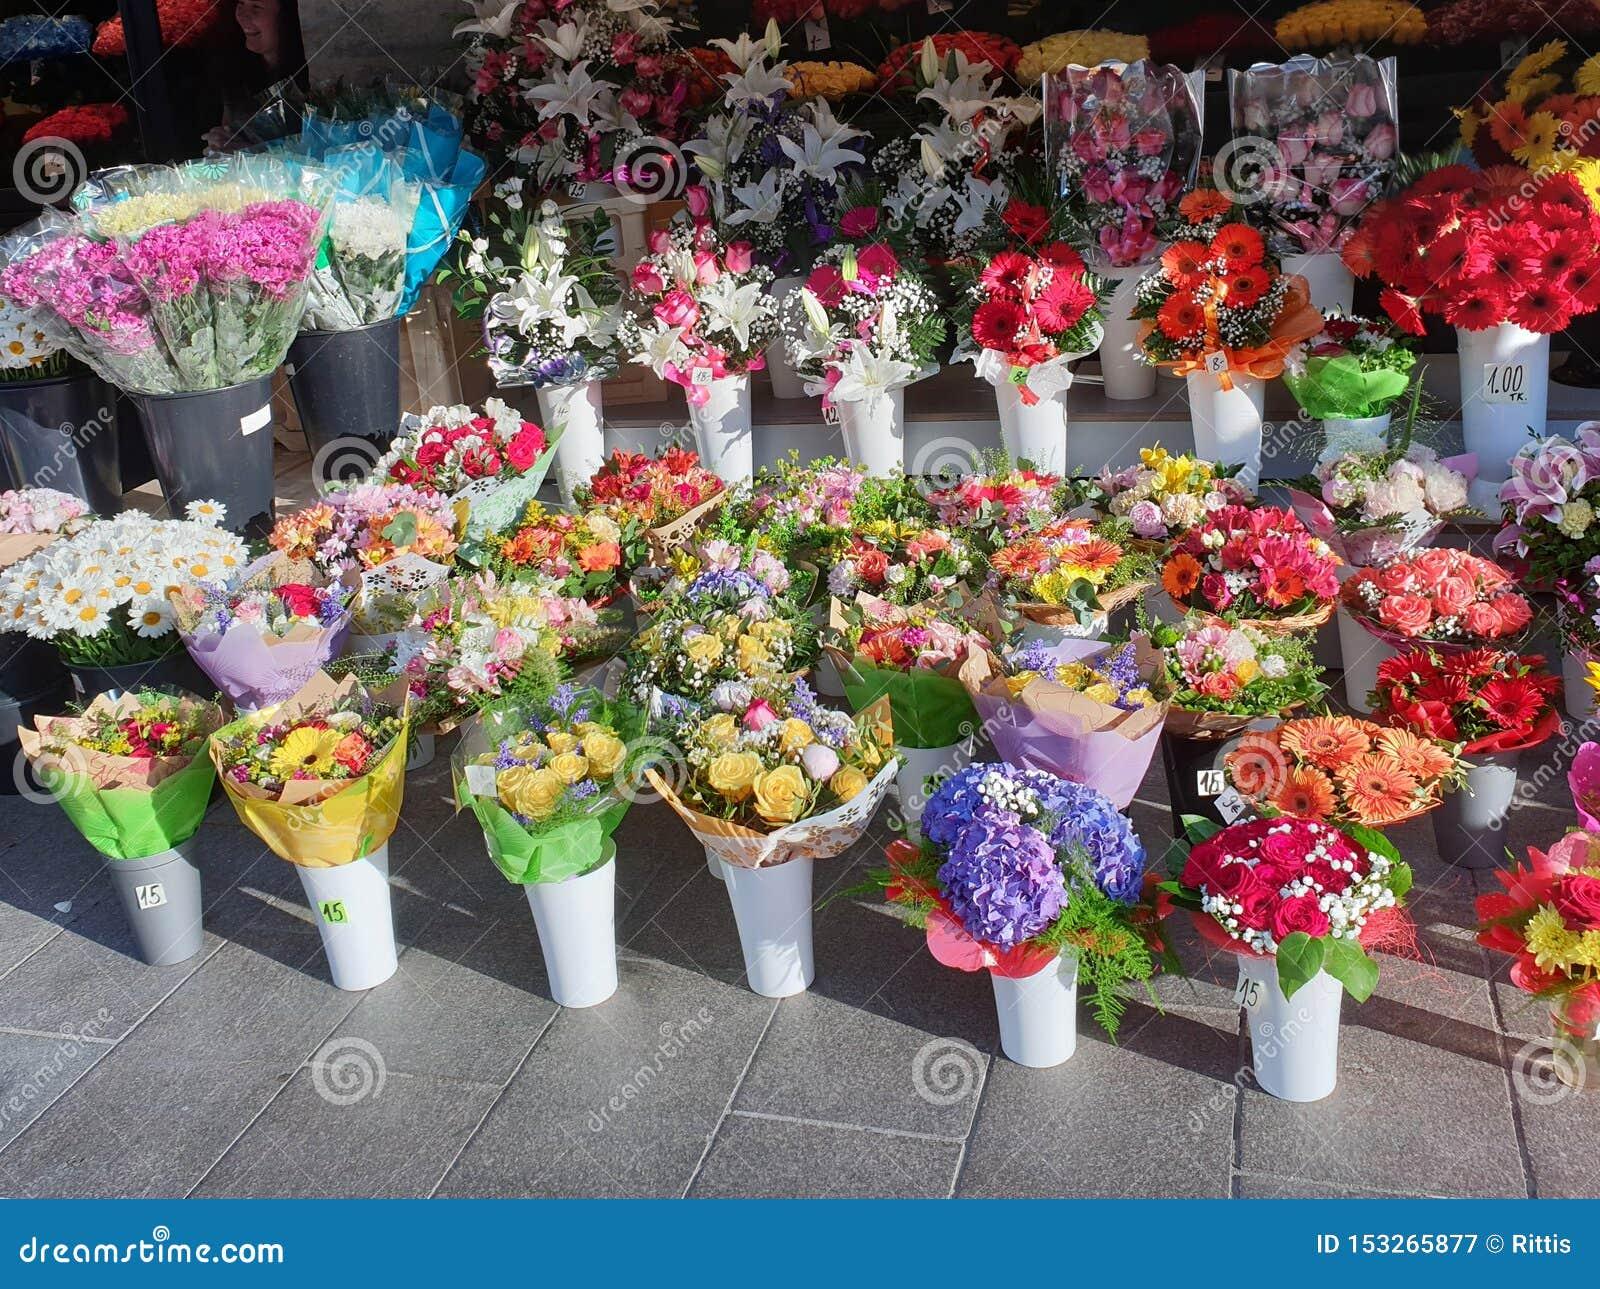 Mercado de la flor en Tallinn, Estonia que vende ramos hermosos